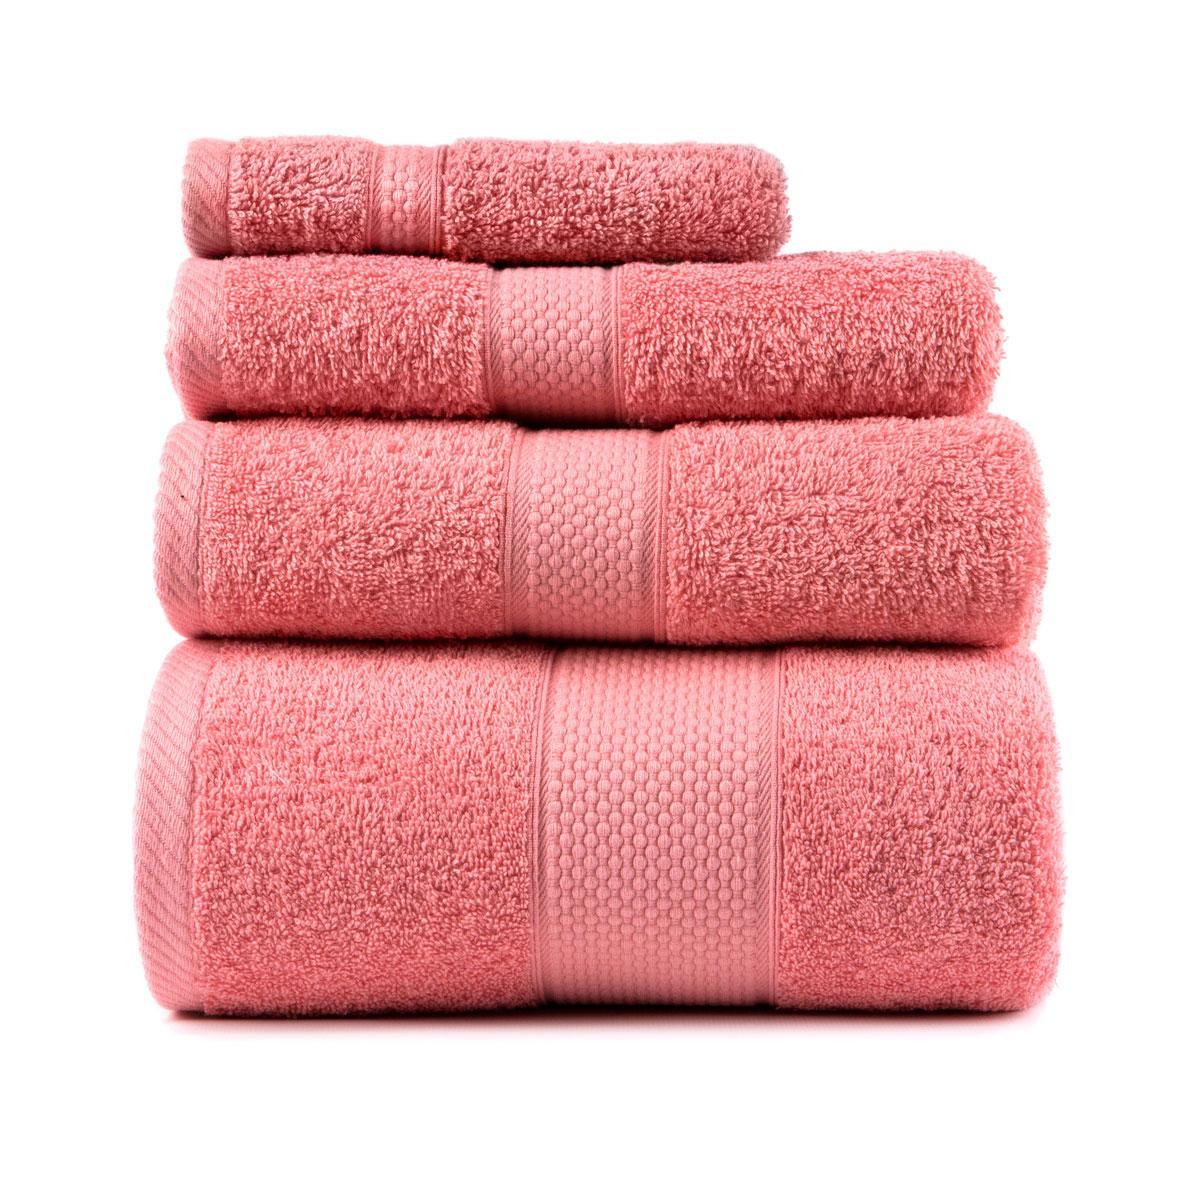 Полотенце для лица Arya Miranda Soft 30*50 см махровое банное коралловое арт.TRK111000017462